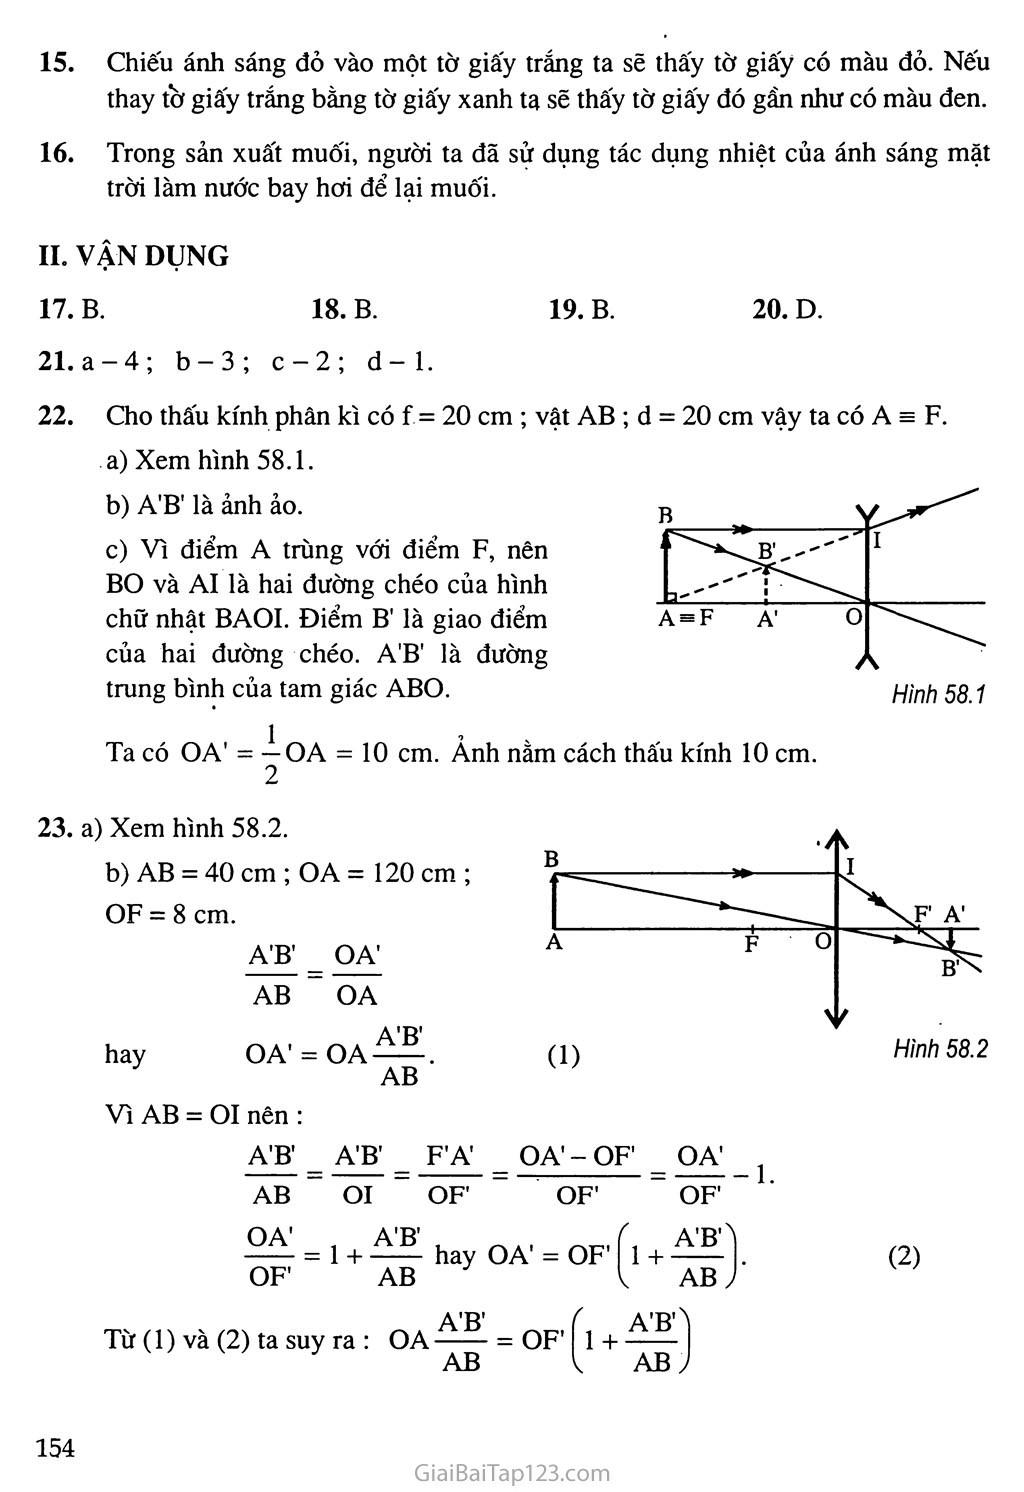 Bài 58: Tổng kết chương III: Quang học trang 3